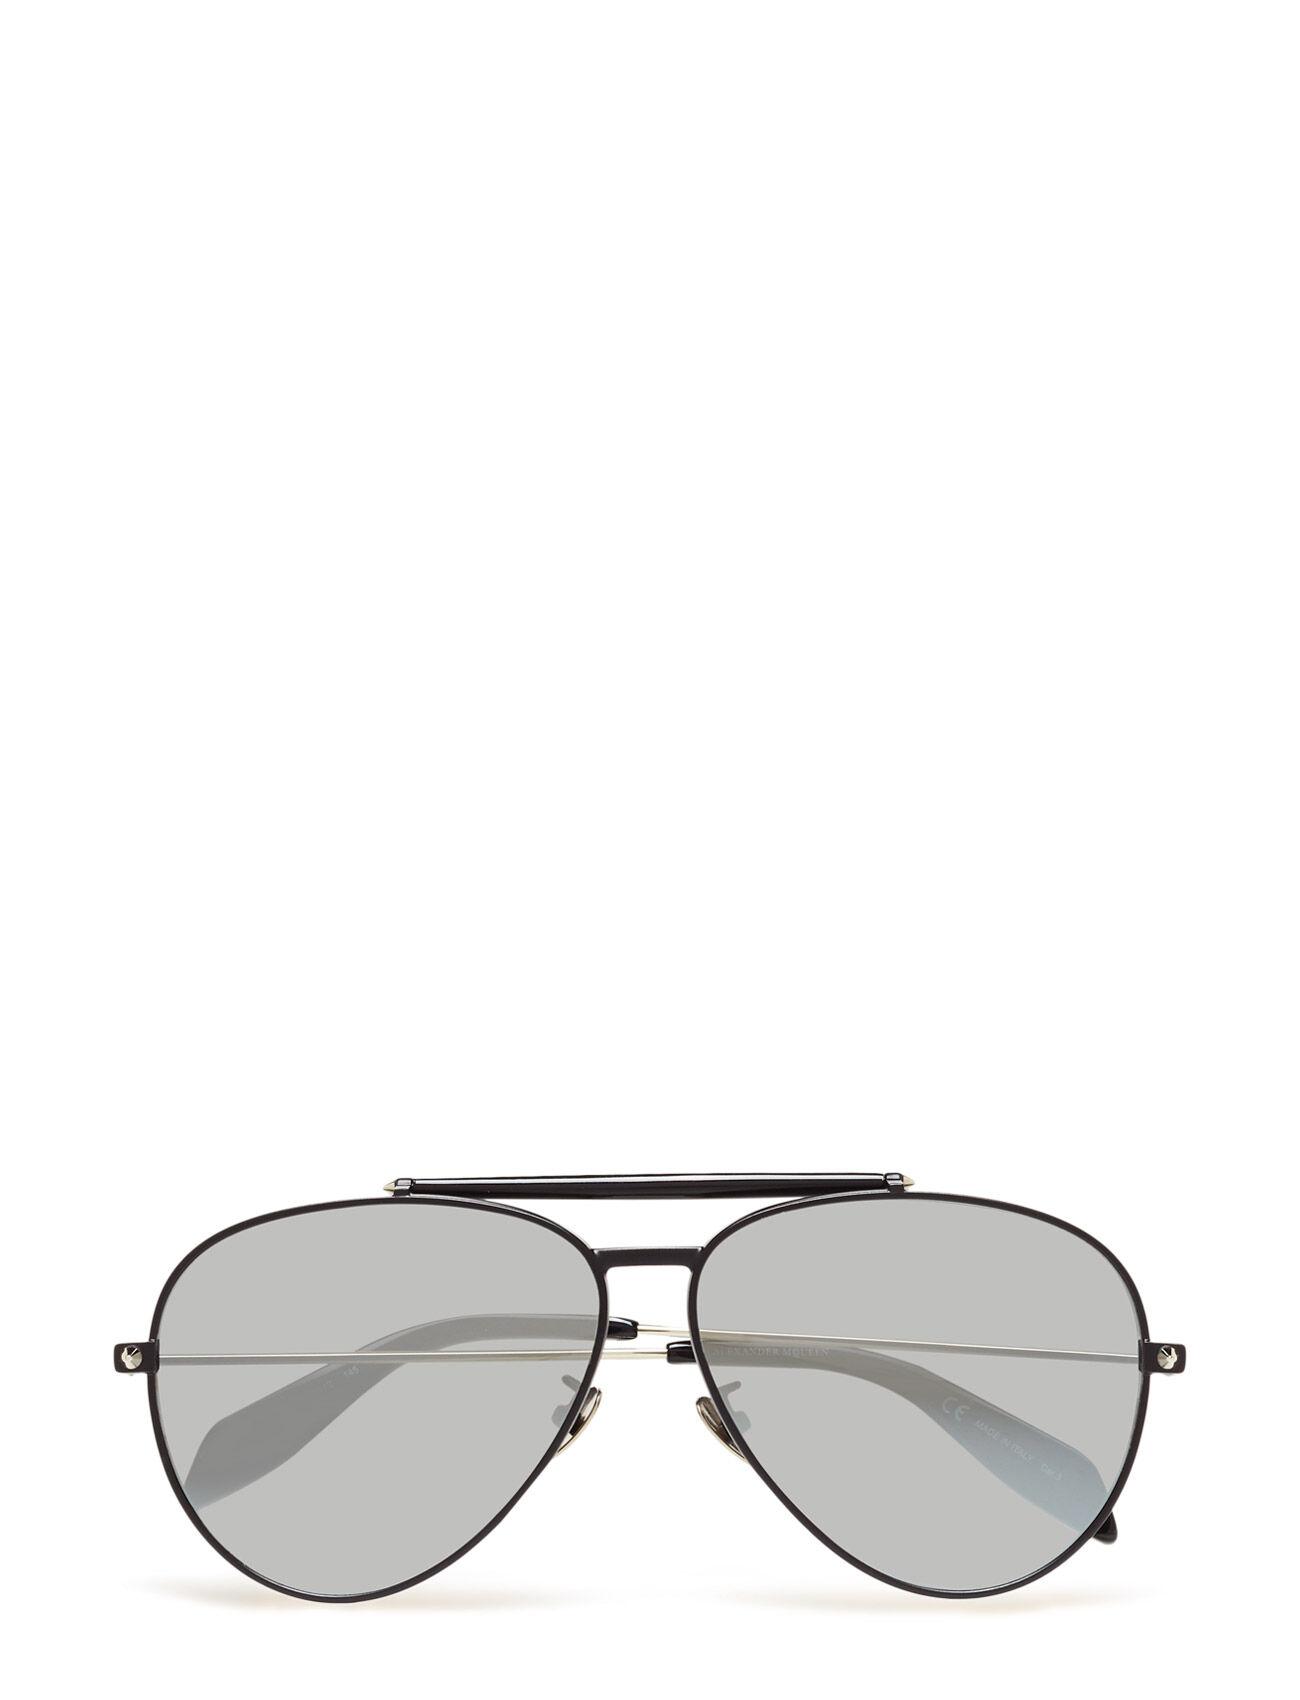 Alexander McQueen Eyewear Am0057s